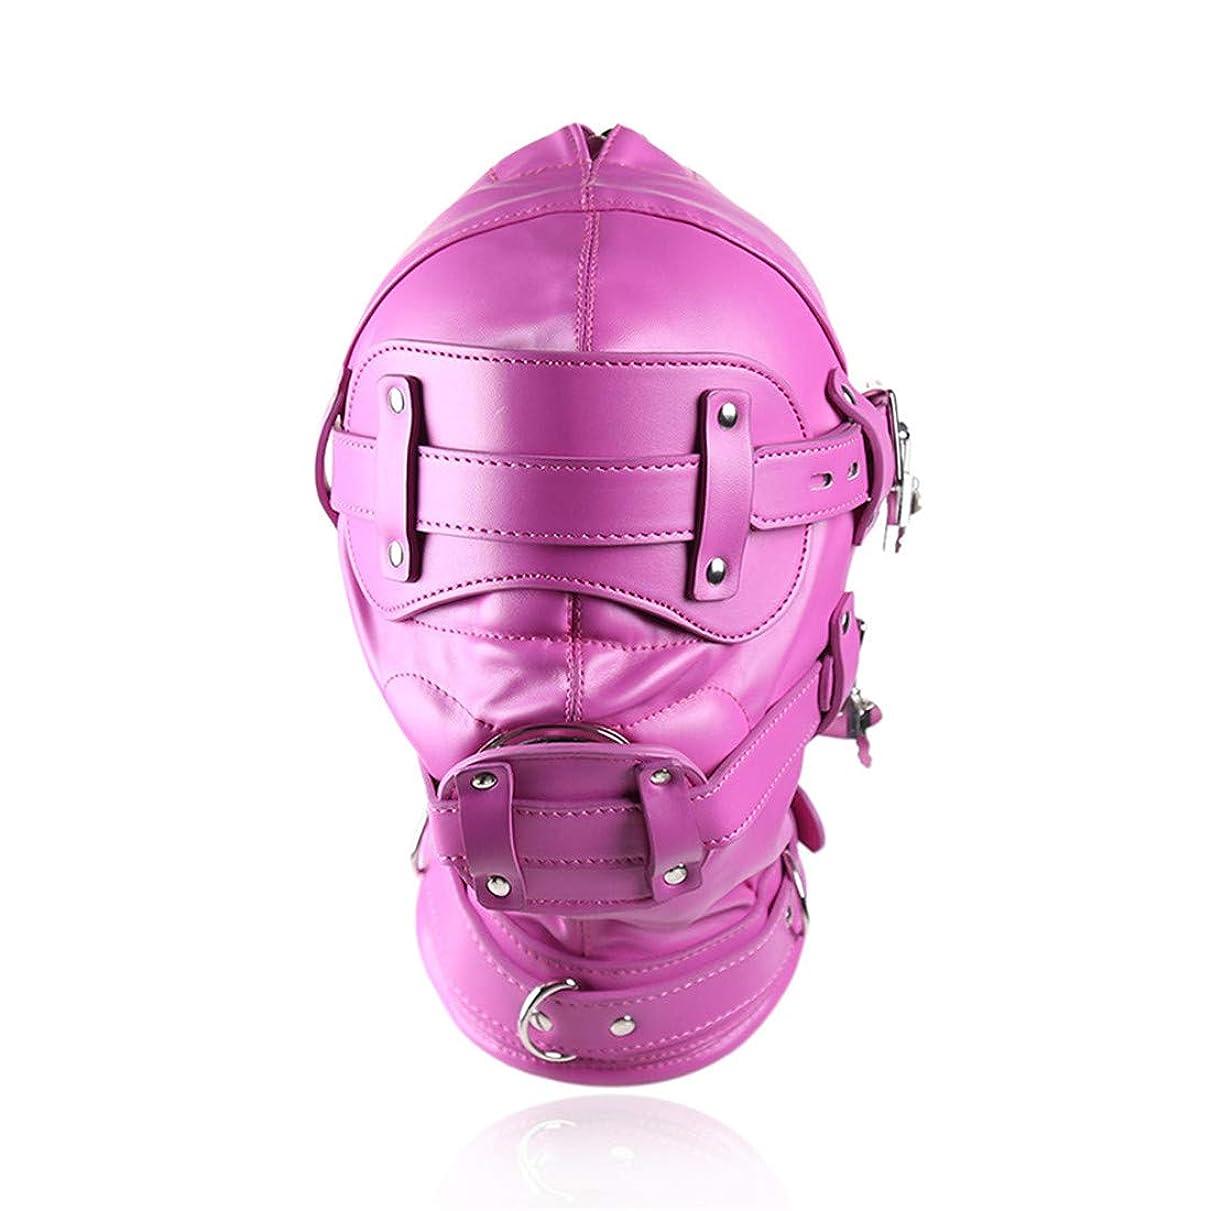 木材外科医列車ノウ建材貿易 取り外し可能な大人の窒息ヘッドギアパッションフェイクレザー緊縛セックスクローズドヘッドギアゴーグルバインディングマウスボールトレーニングマスク (サイズ : Long size)